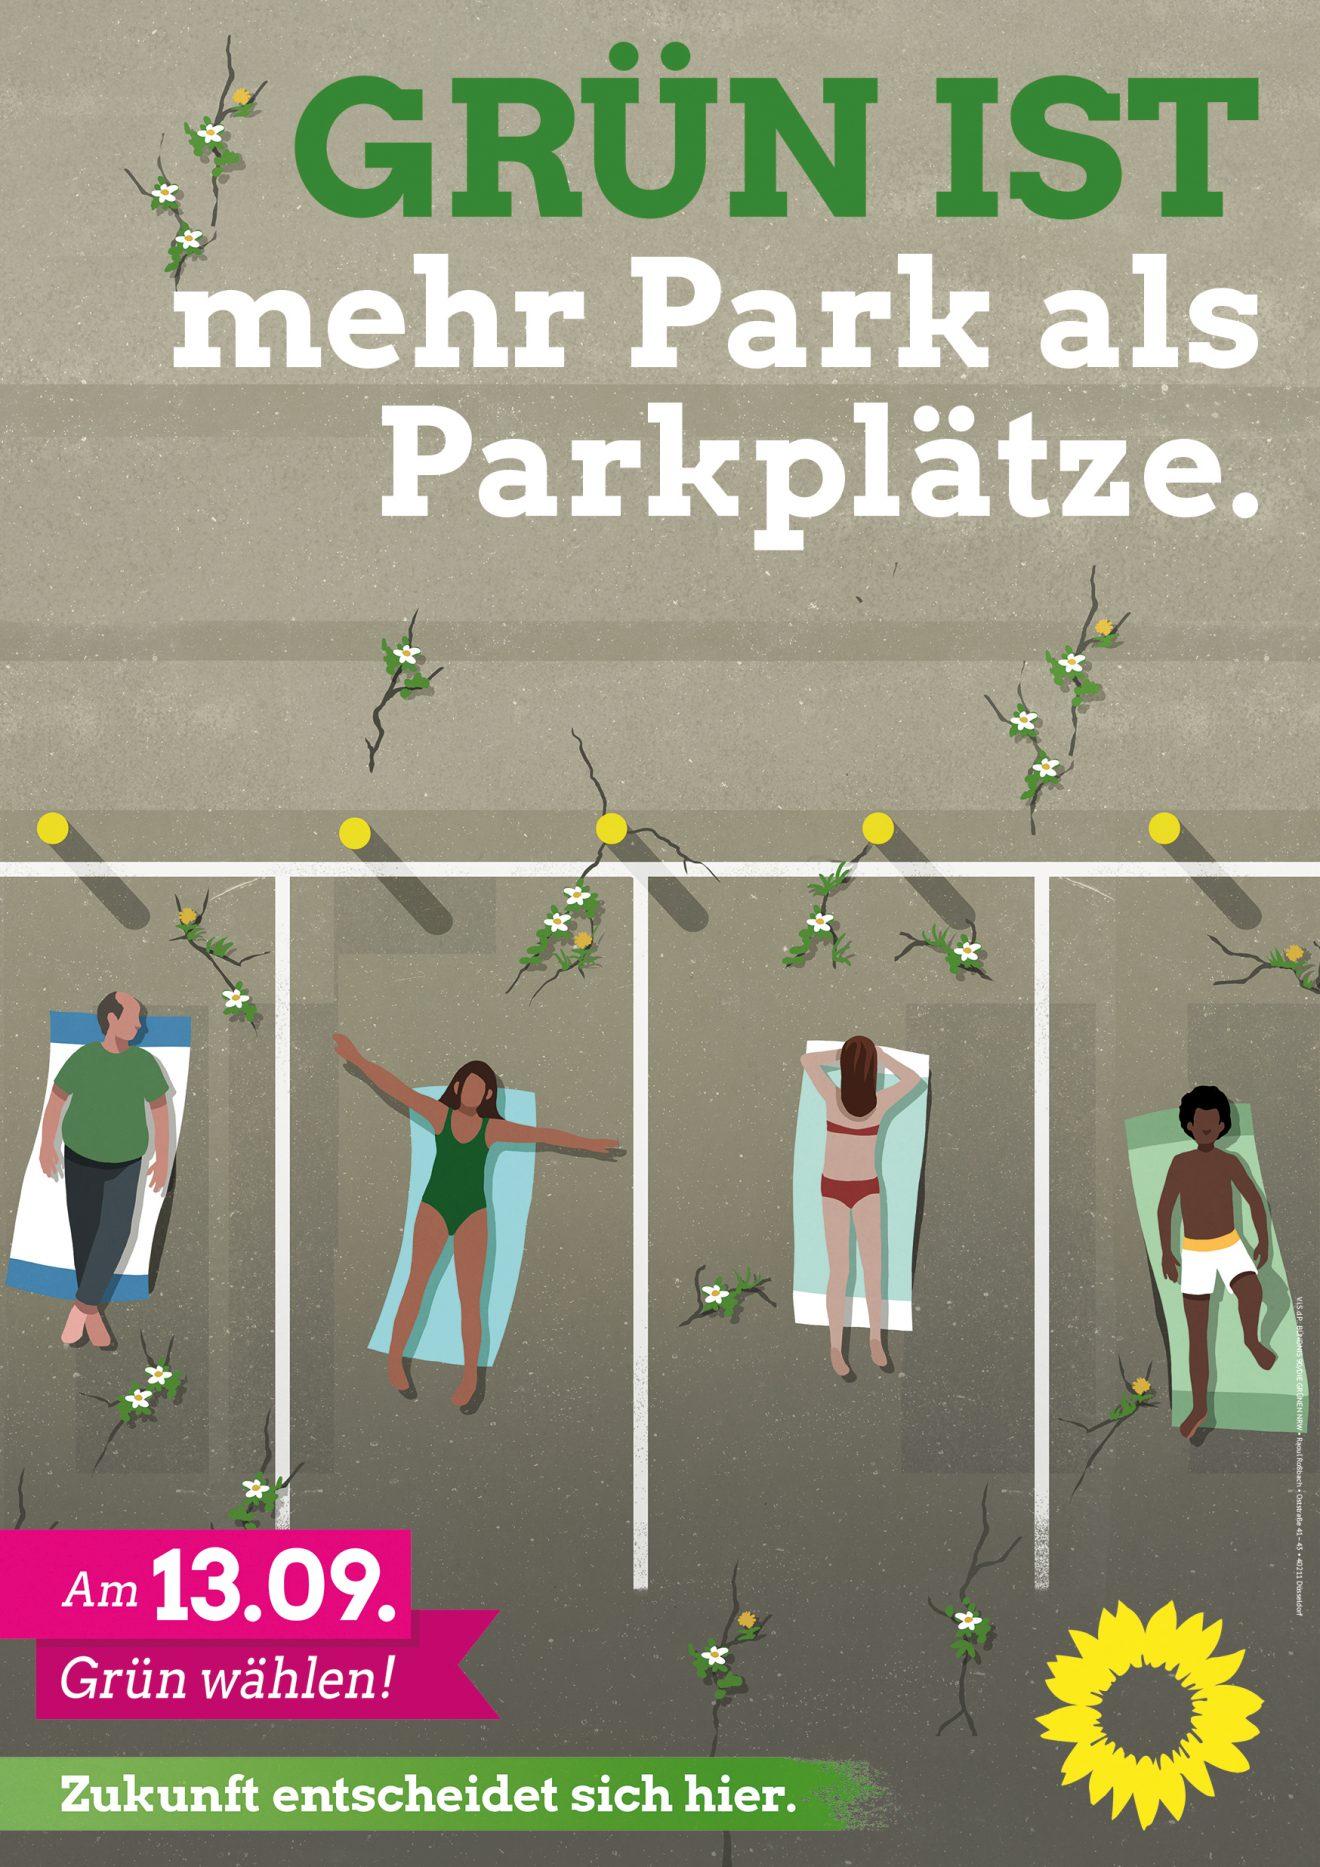 GRÜN IST mehr Park als Parkplätze.